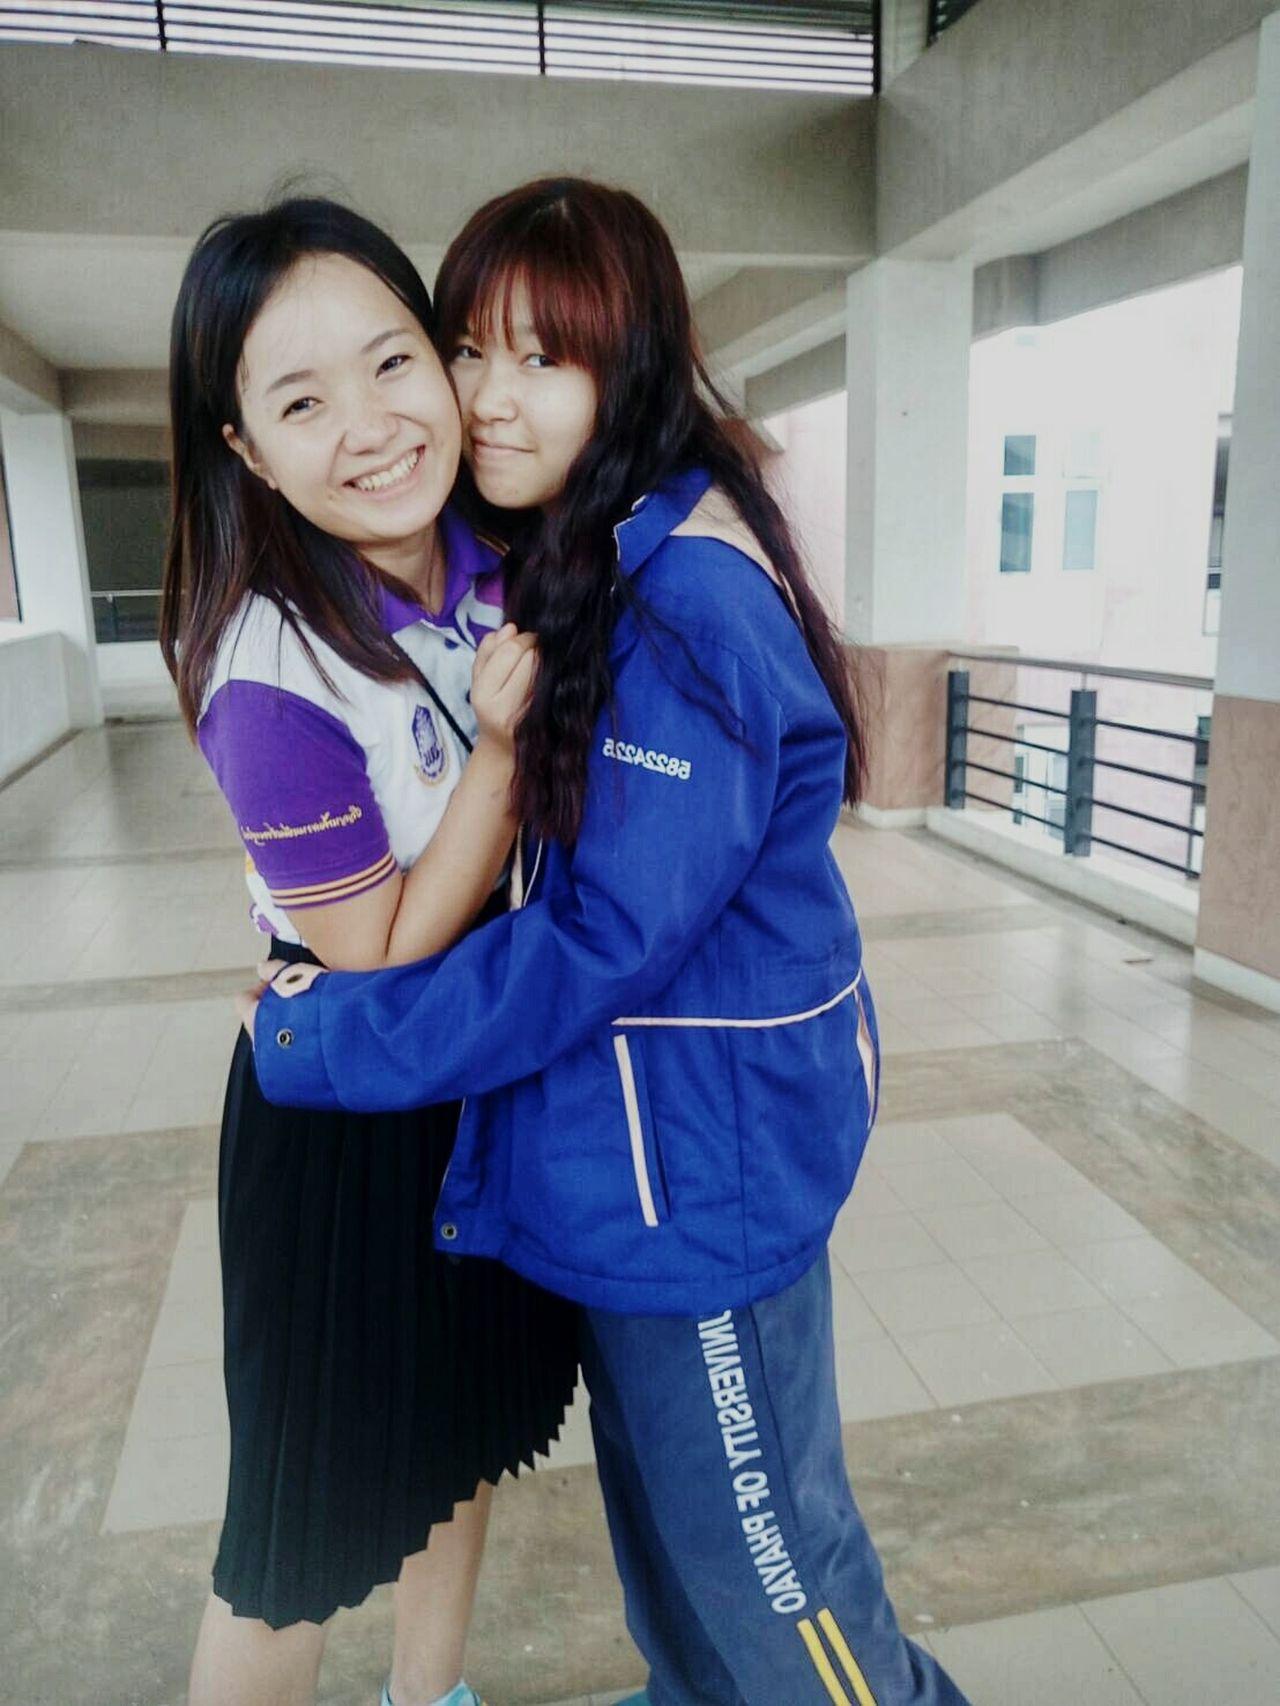 รัก ♡ Girls Happiness Love Friendship First Eyeem Photo